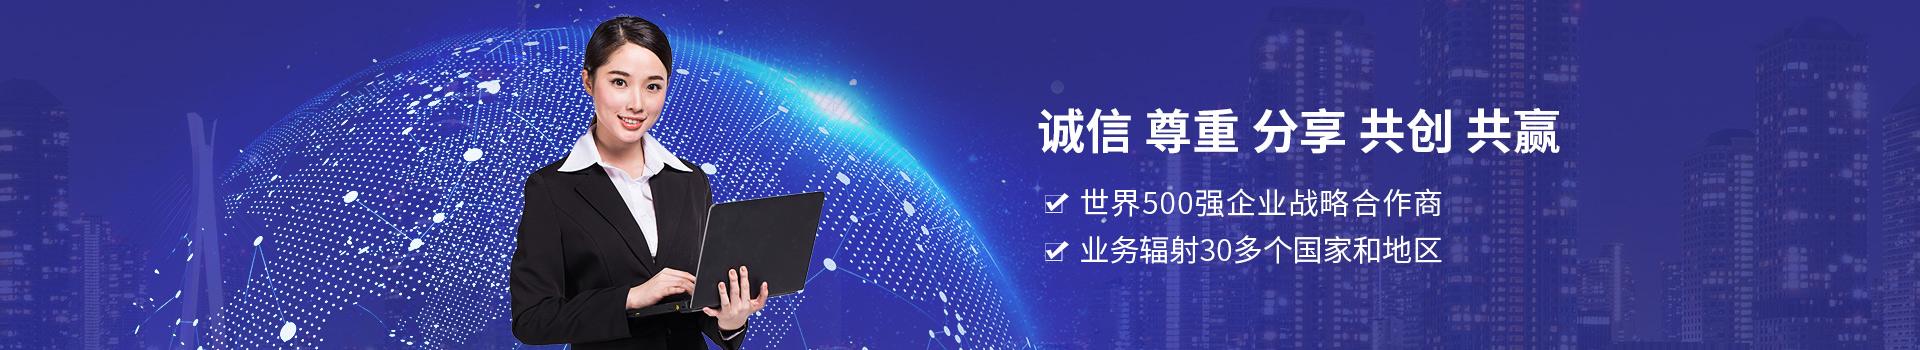 台富--世界500强企业战略合作商,业务辐射30多个国家和地区